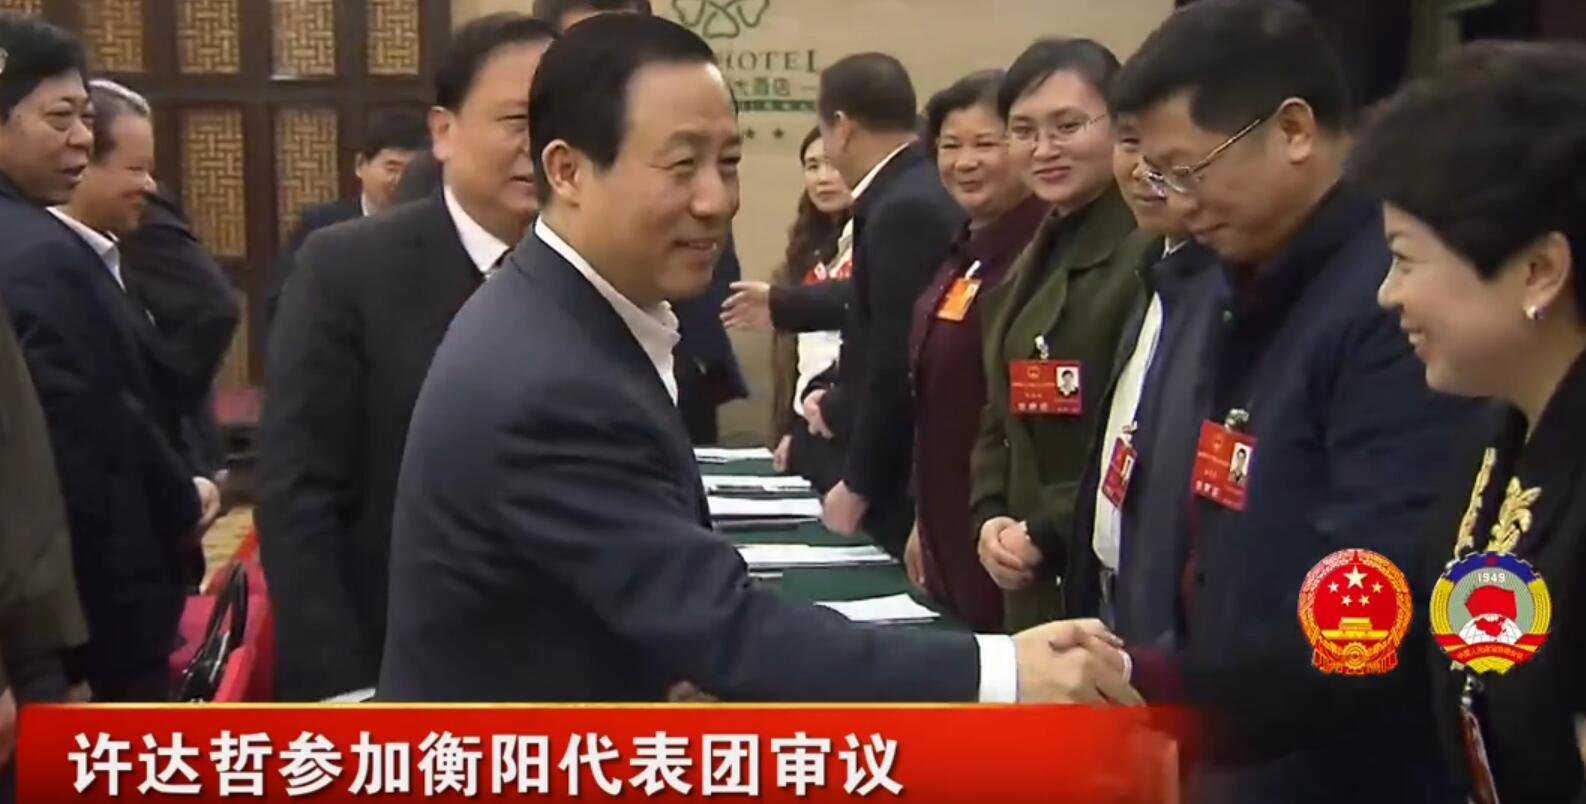 许达哲参加衡阳代表团审议